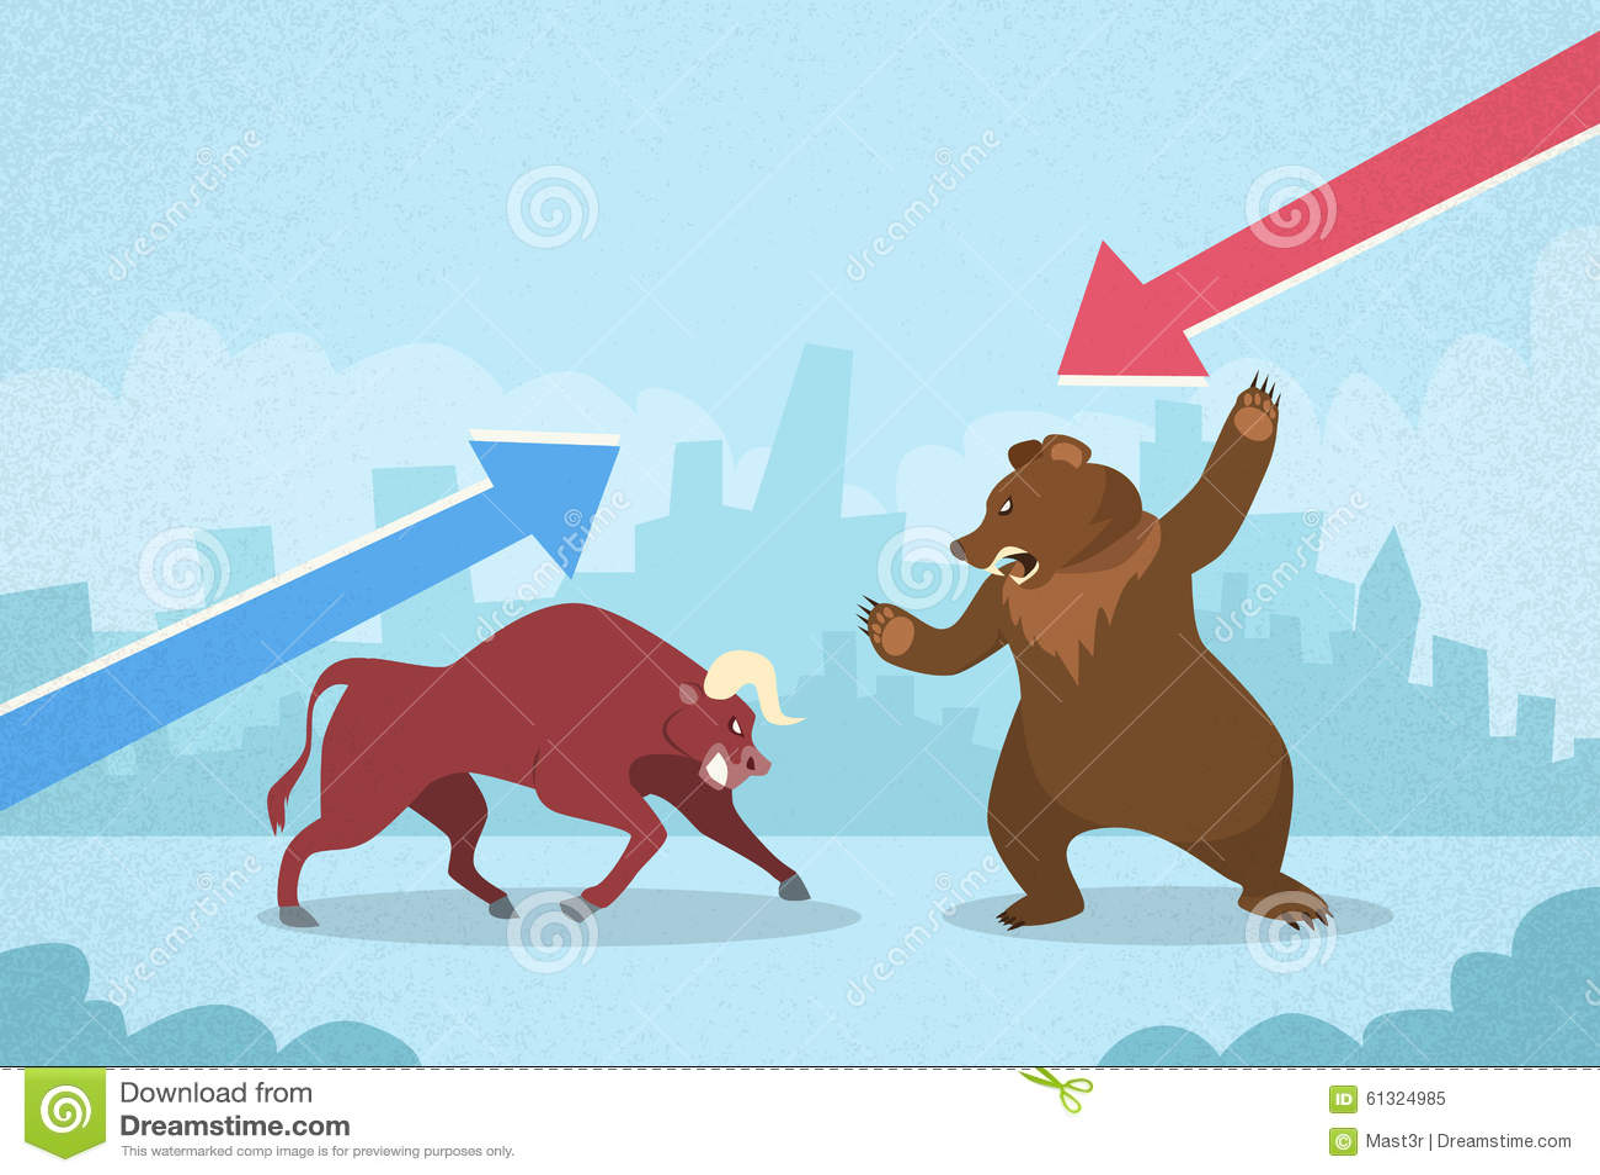 Bearish vs bullish forex